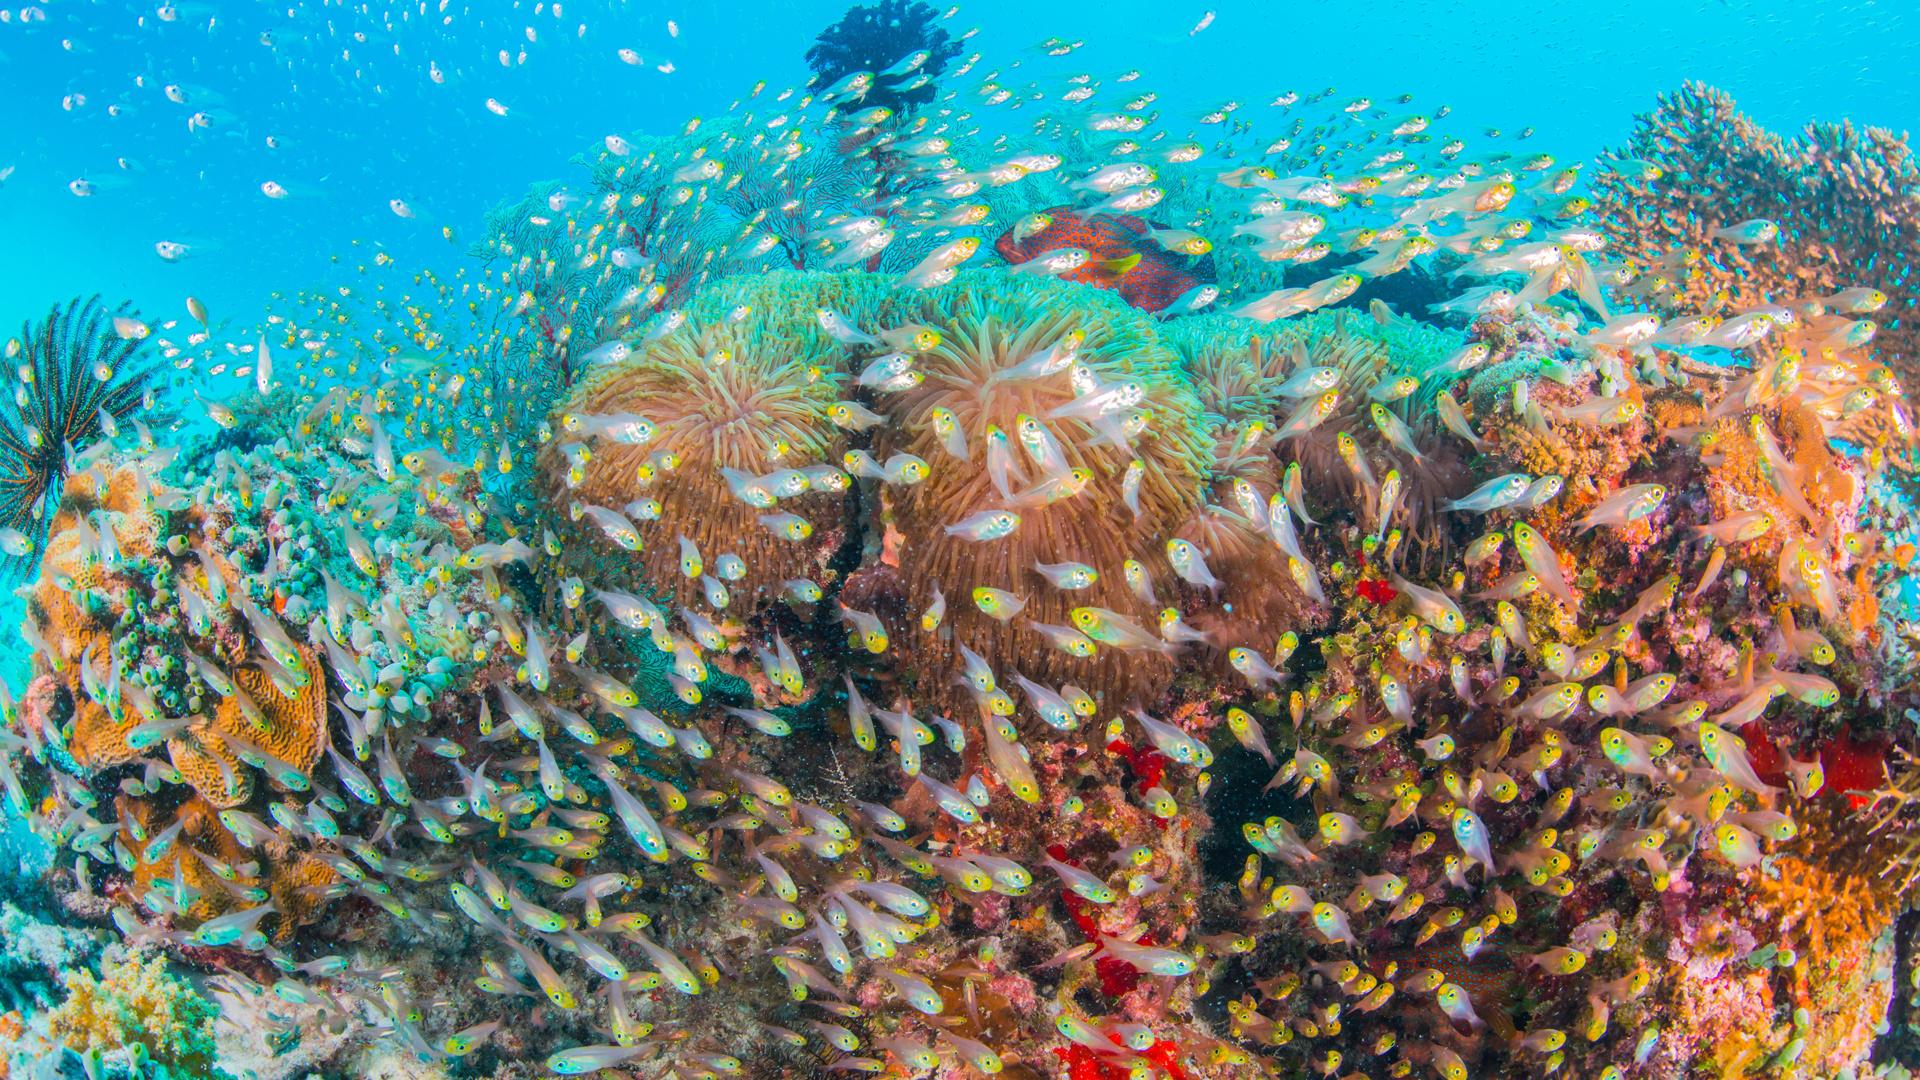 The best snorkel spots around the world